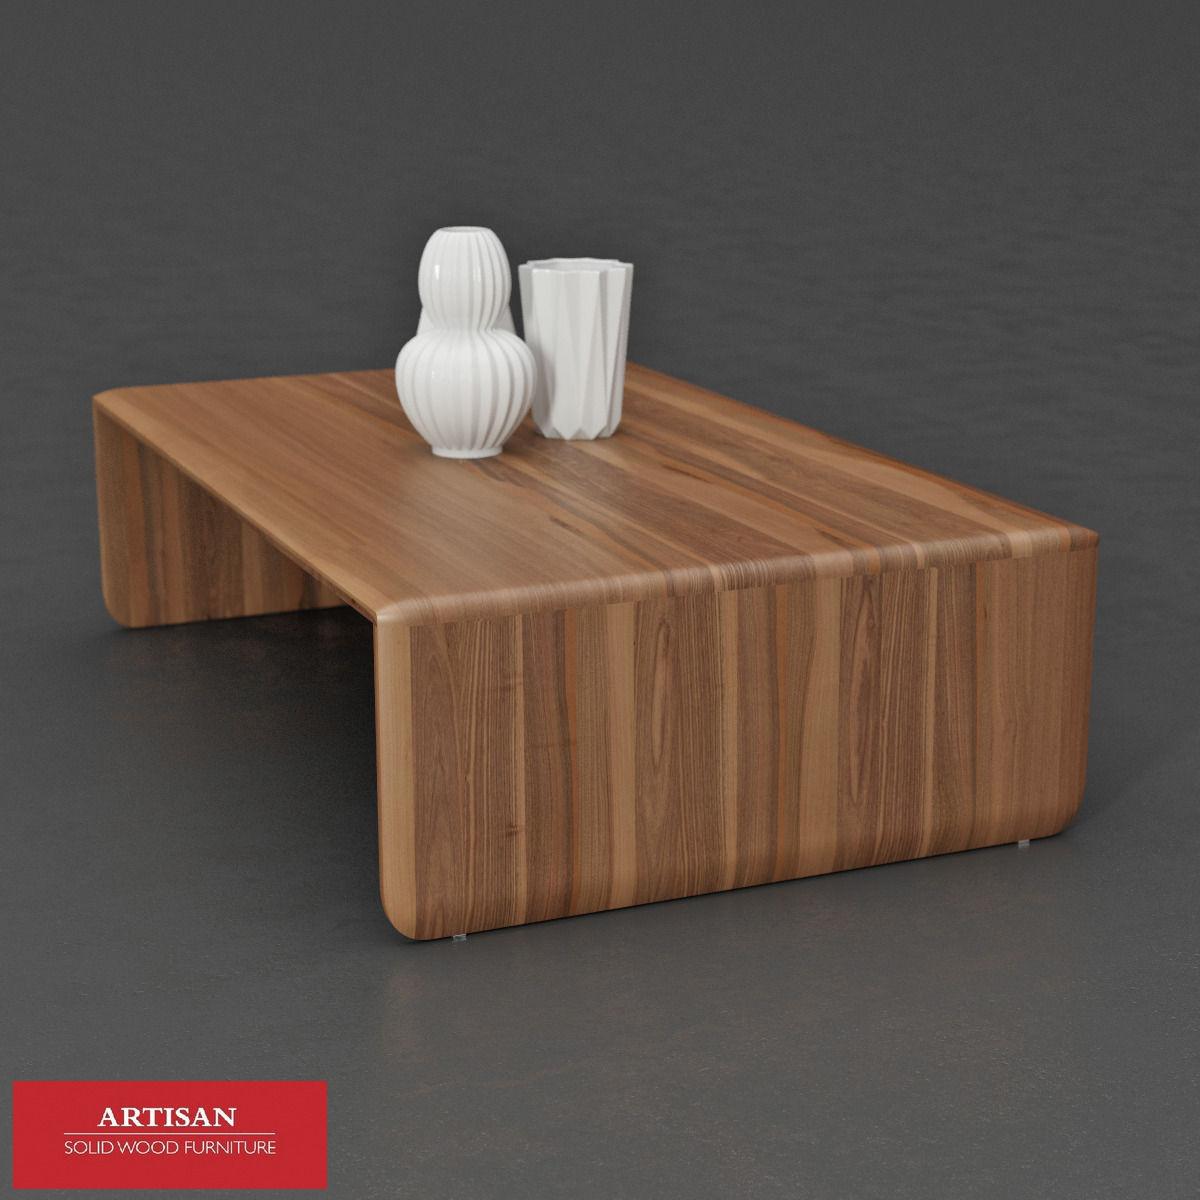 Delightful ... Artisan Invito Coffee Table 3d Model Max Fbx 6 ...